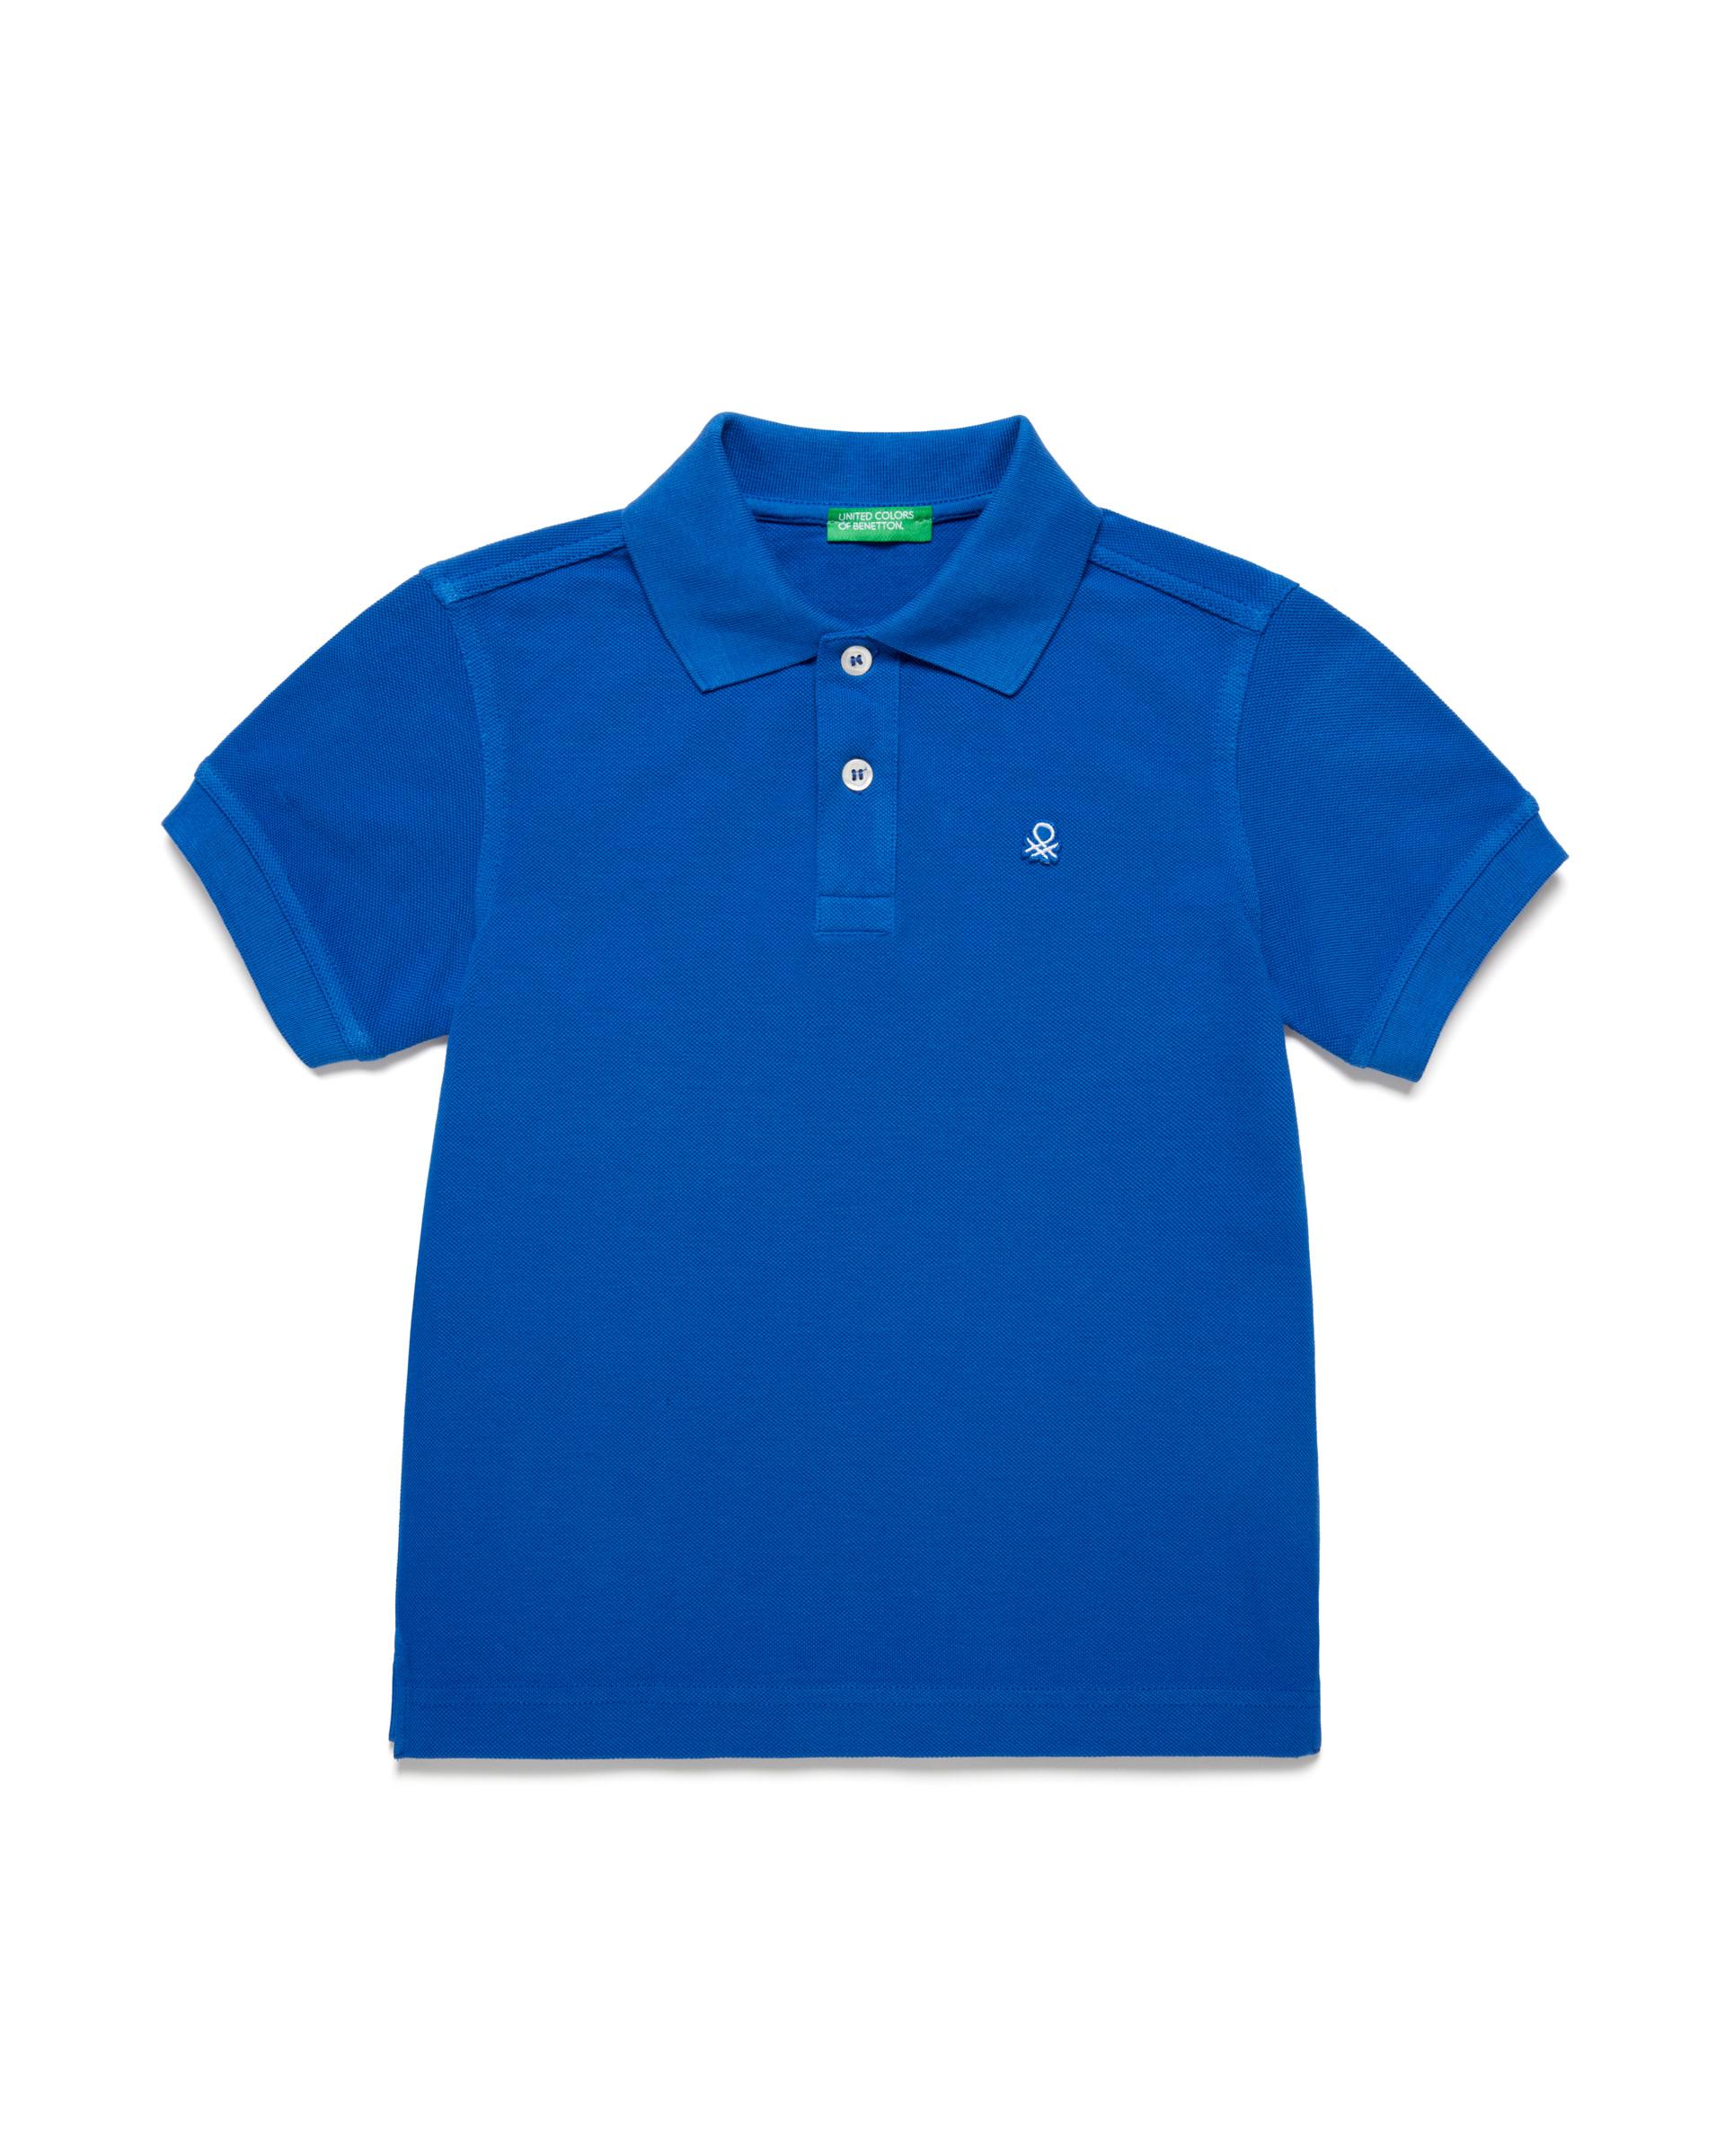 Купить 20P_3089C3091_19R, Поло-пике для мальчиков Benetton 3089C3091_19R р-р 80, United Colors of Benetton, Кофточки, футболки для новорожденных